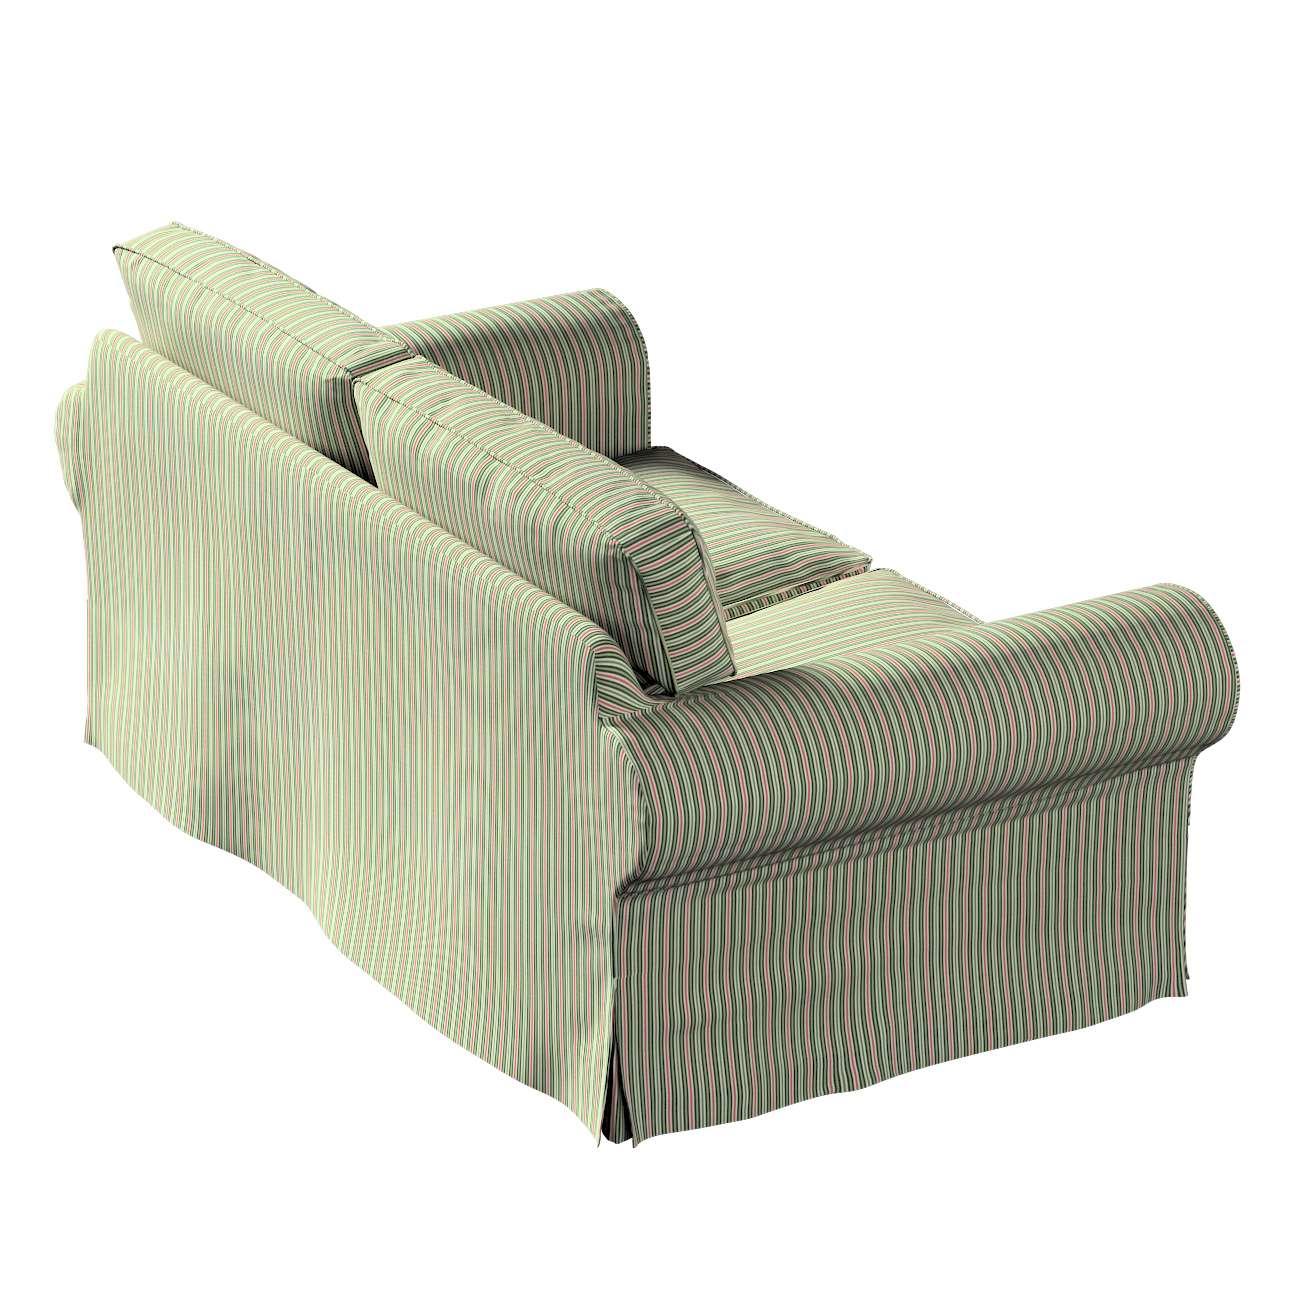 Pokrowiec na sofę Ektorp 2-osobową rozkładaną, model po 2012 w kolekcji Londres, tkanina: 143-42